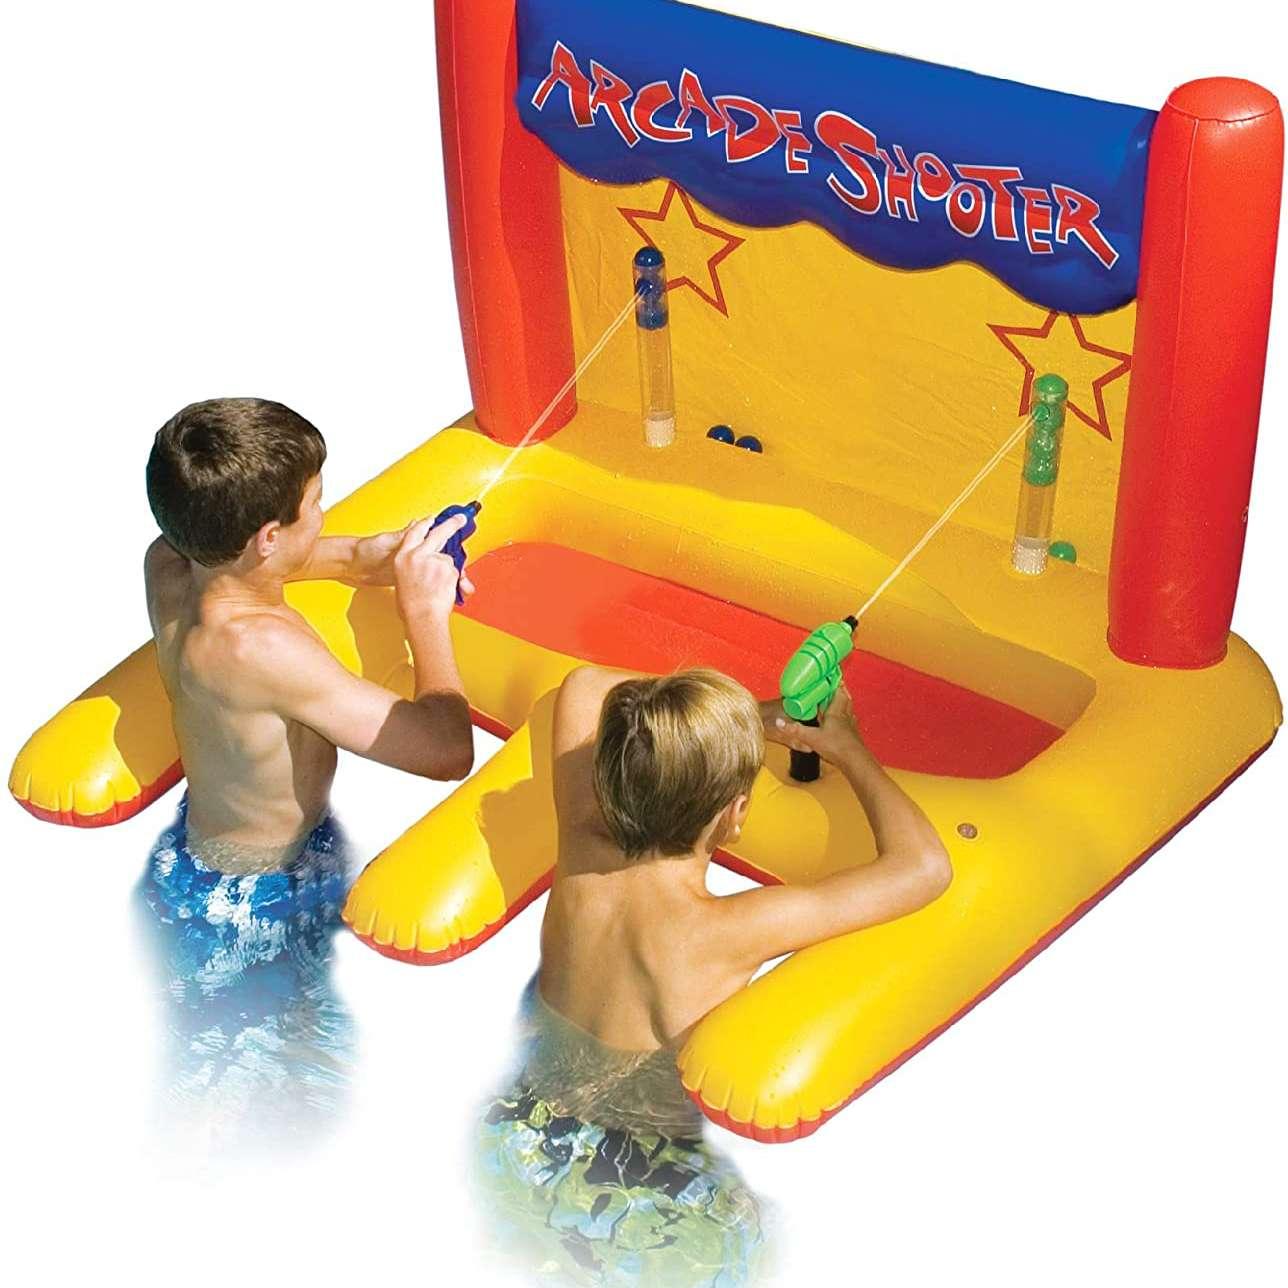 Arcade Shooter Target Swimming Pool Game